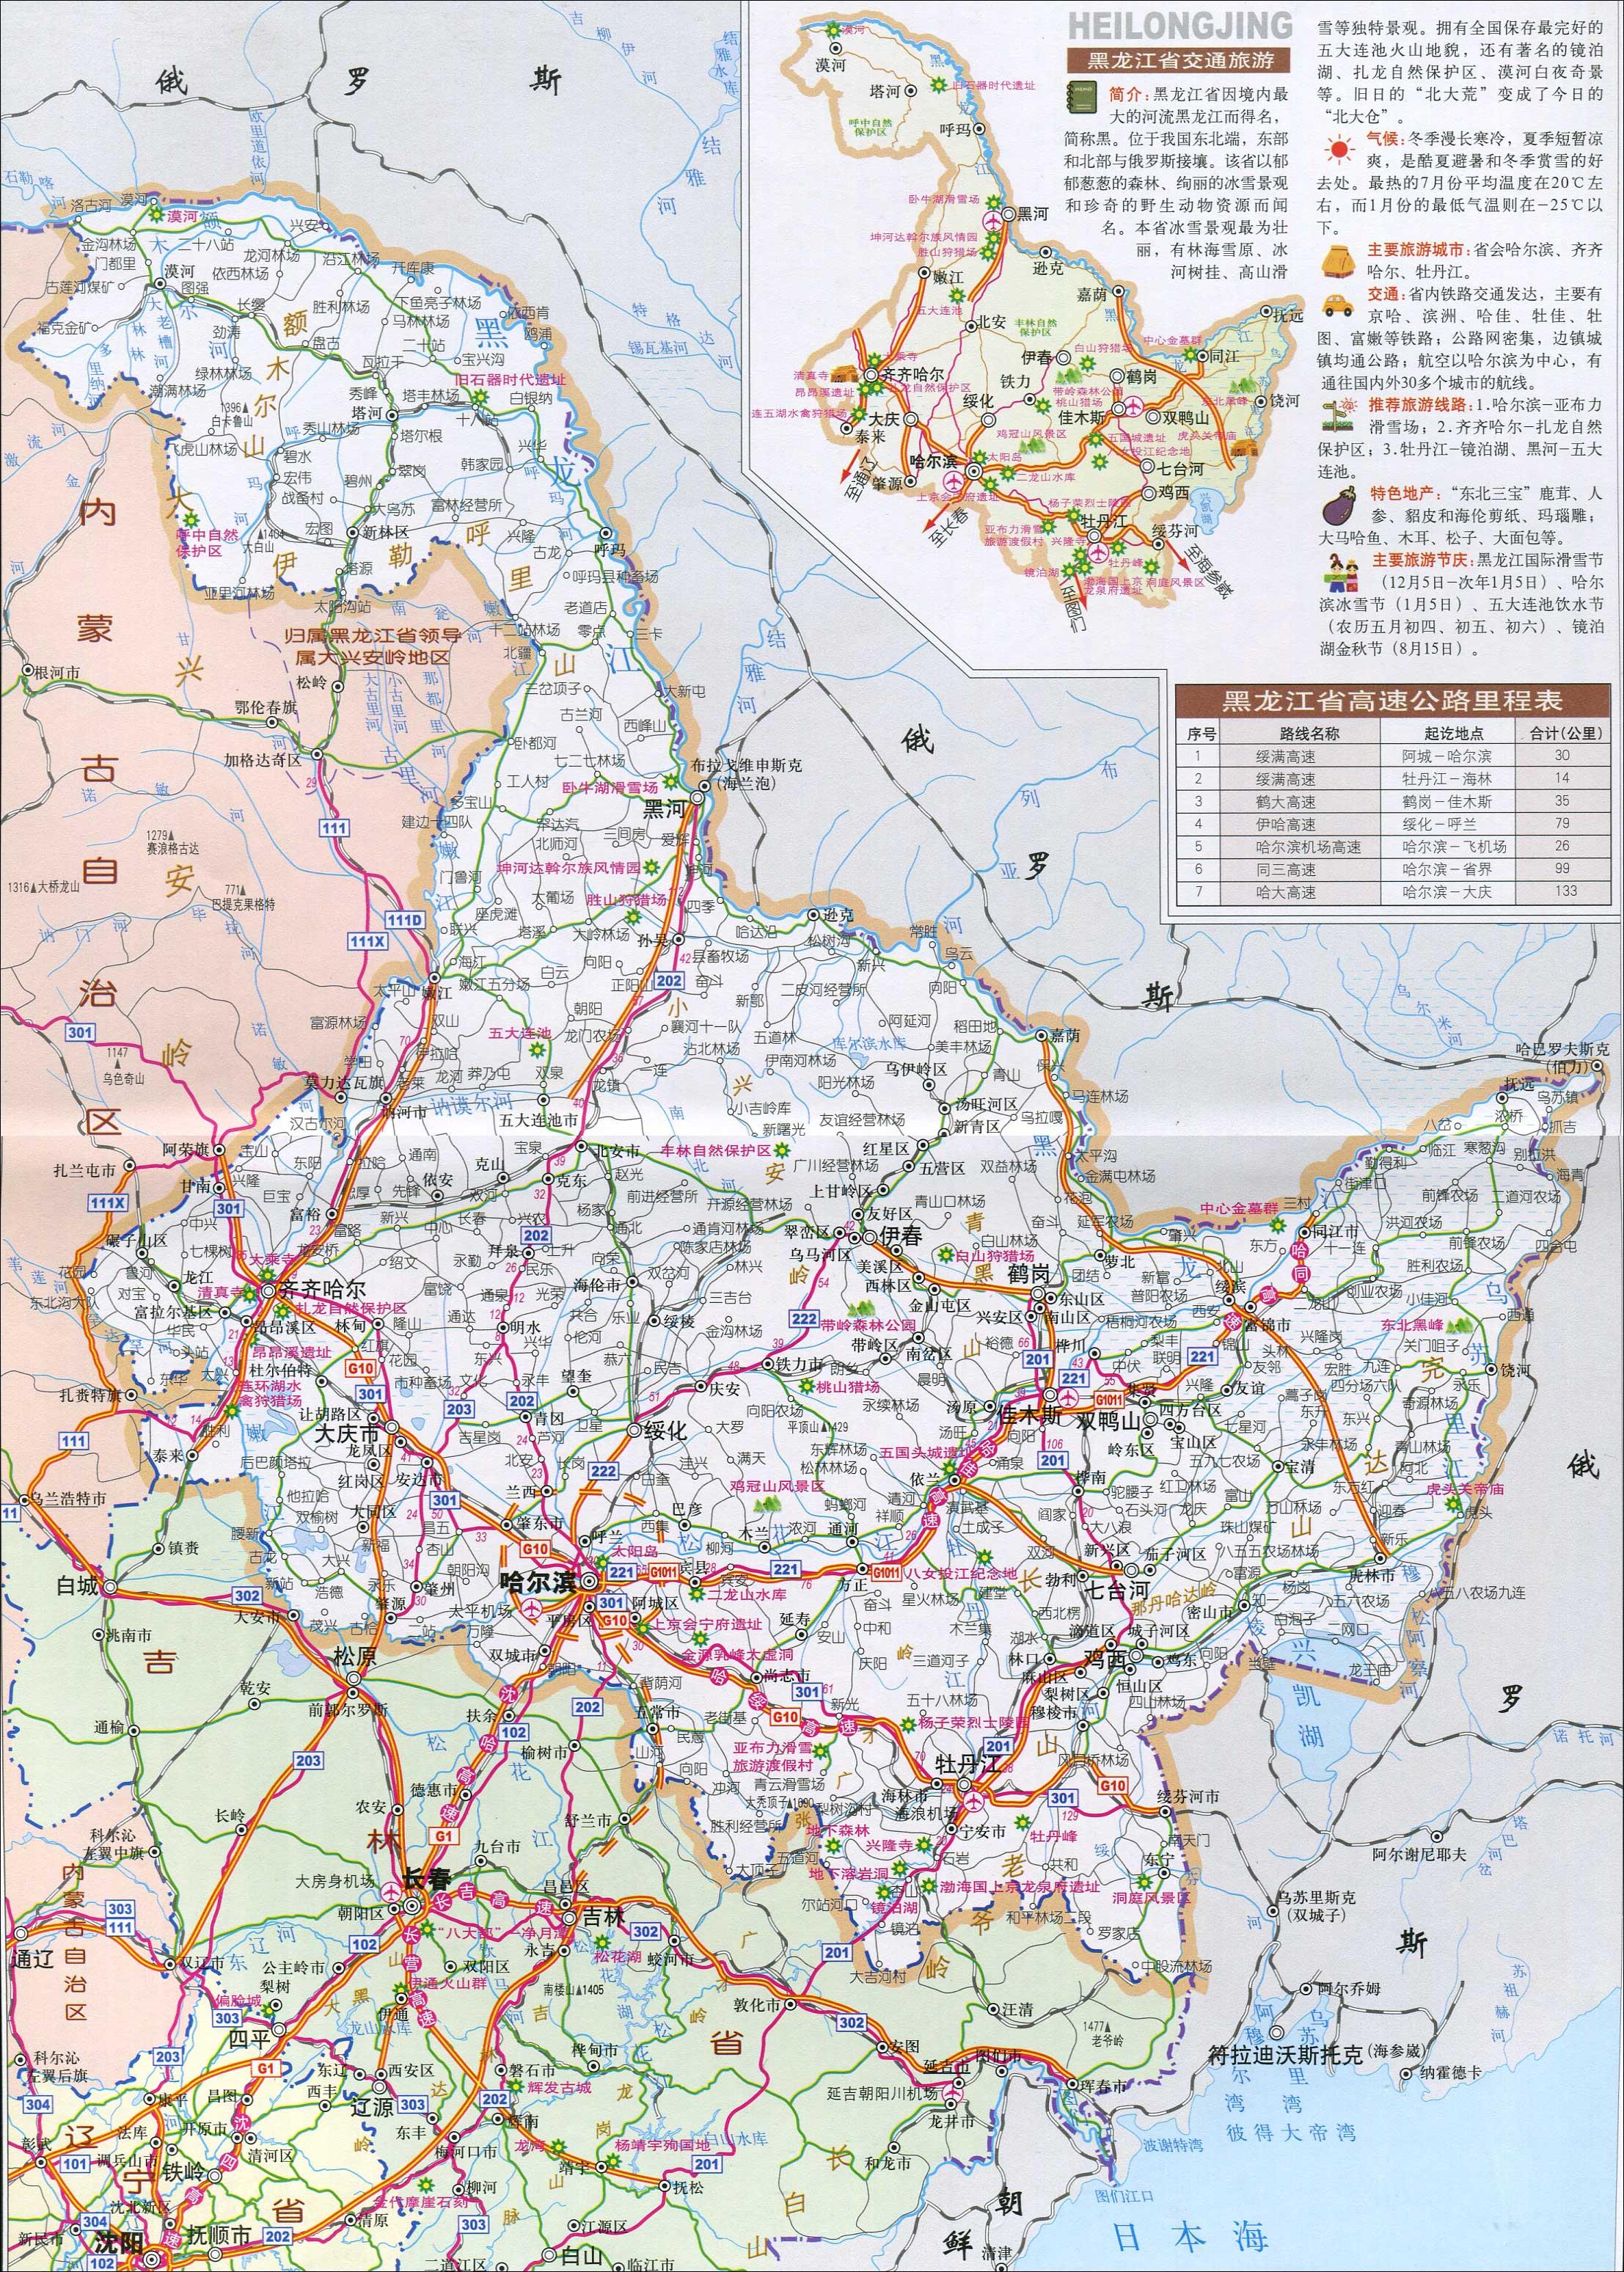 黑龙江旅游交通地图